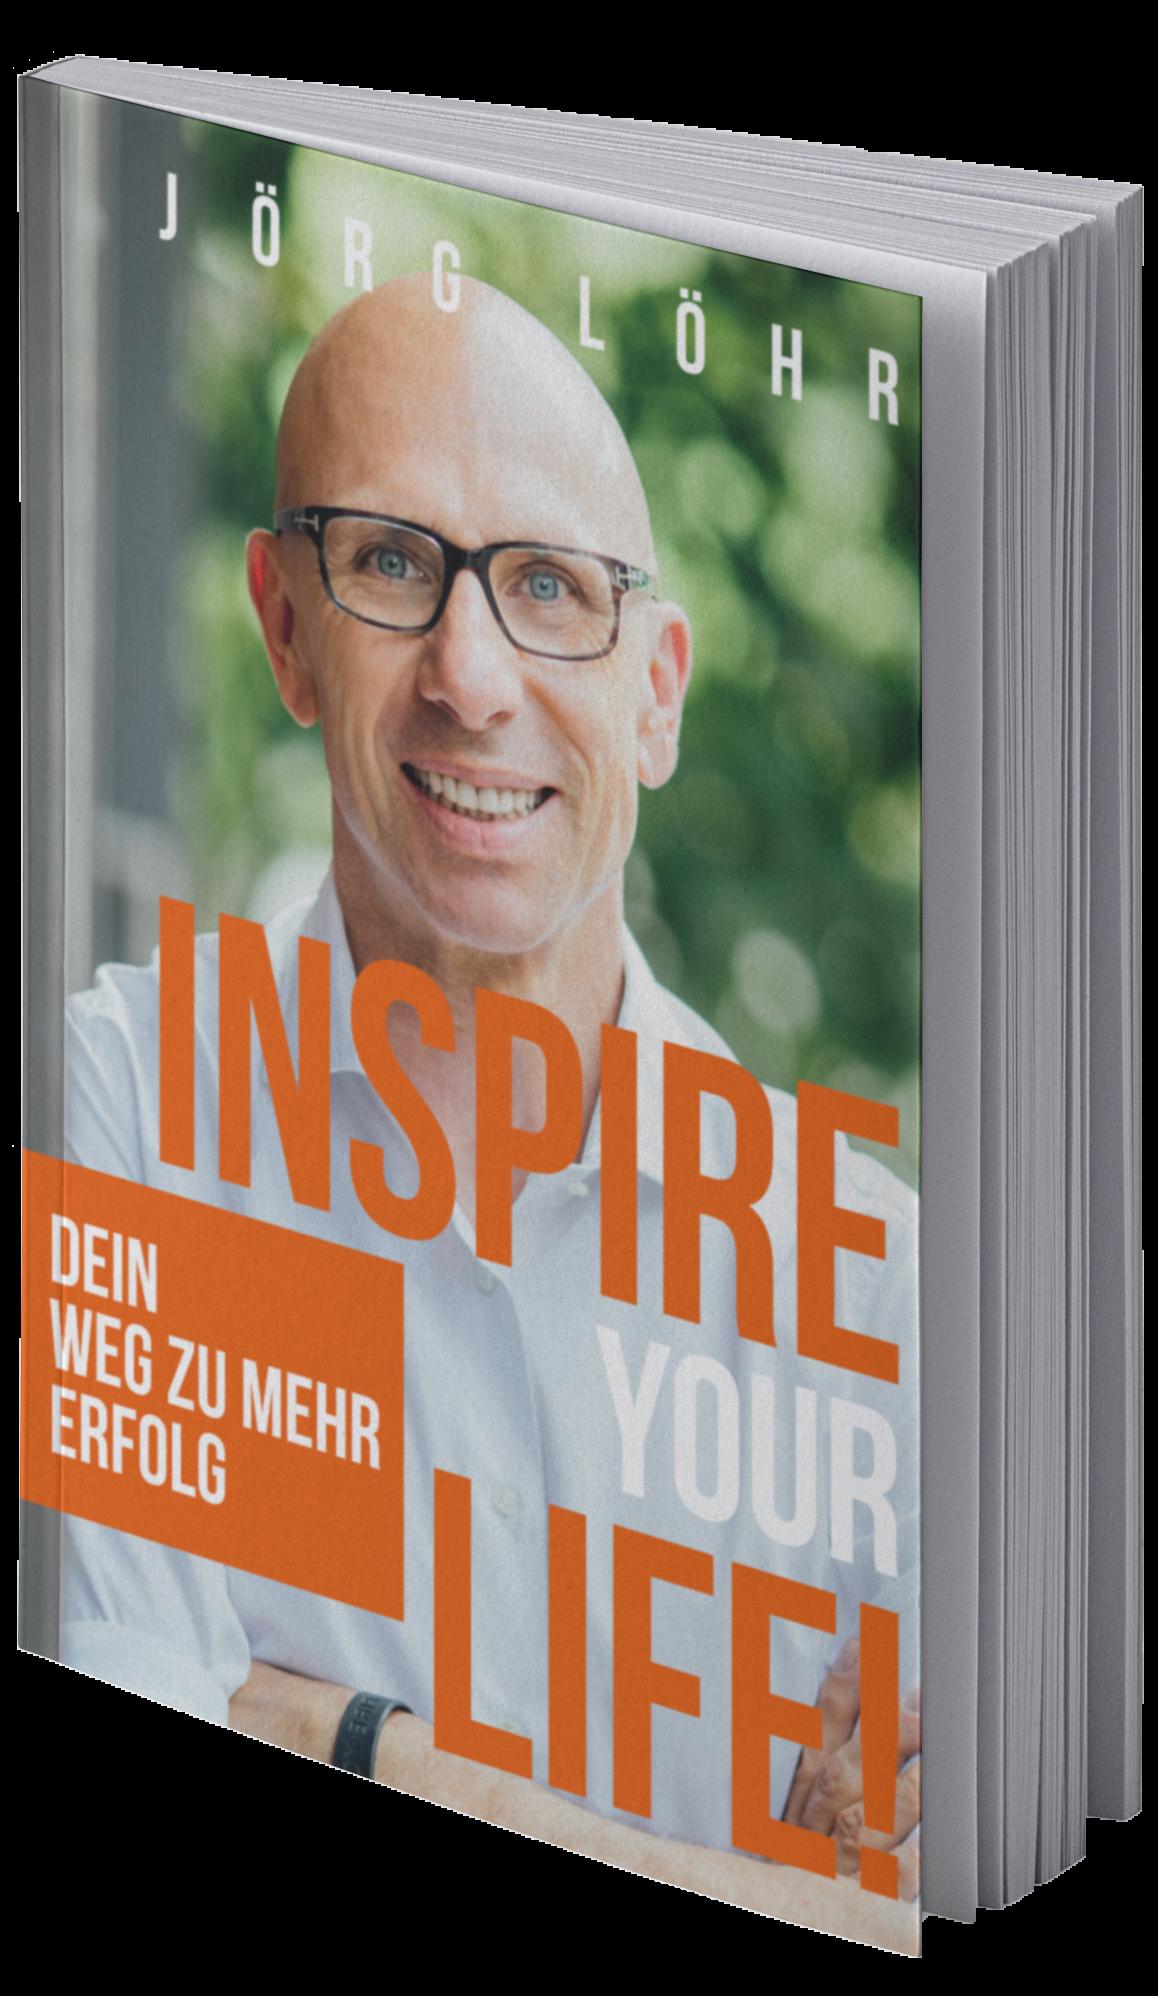 Jörg Löhr Inspire Your Life Buch